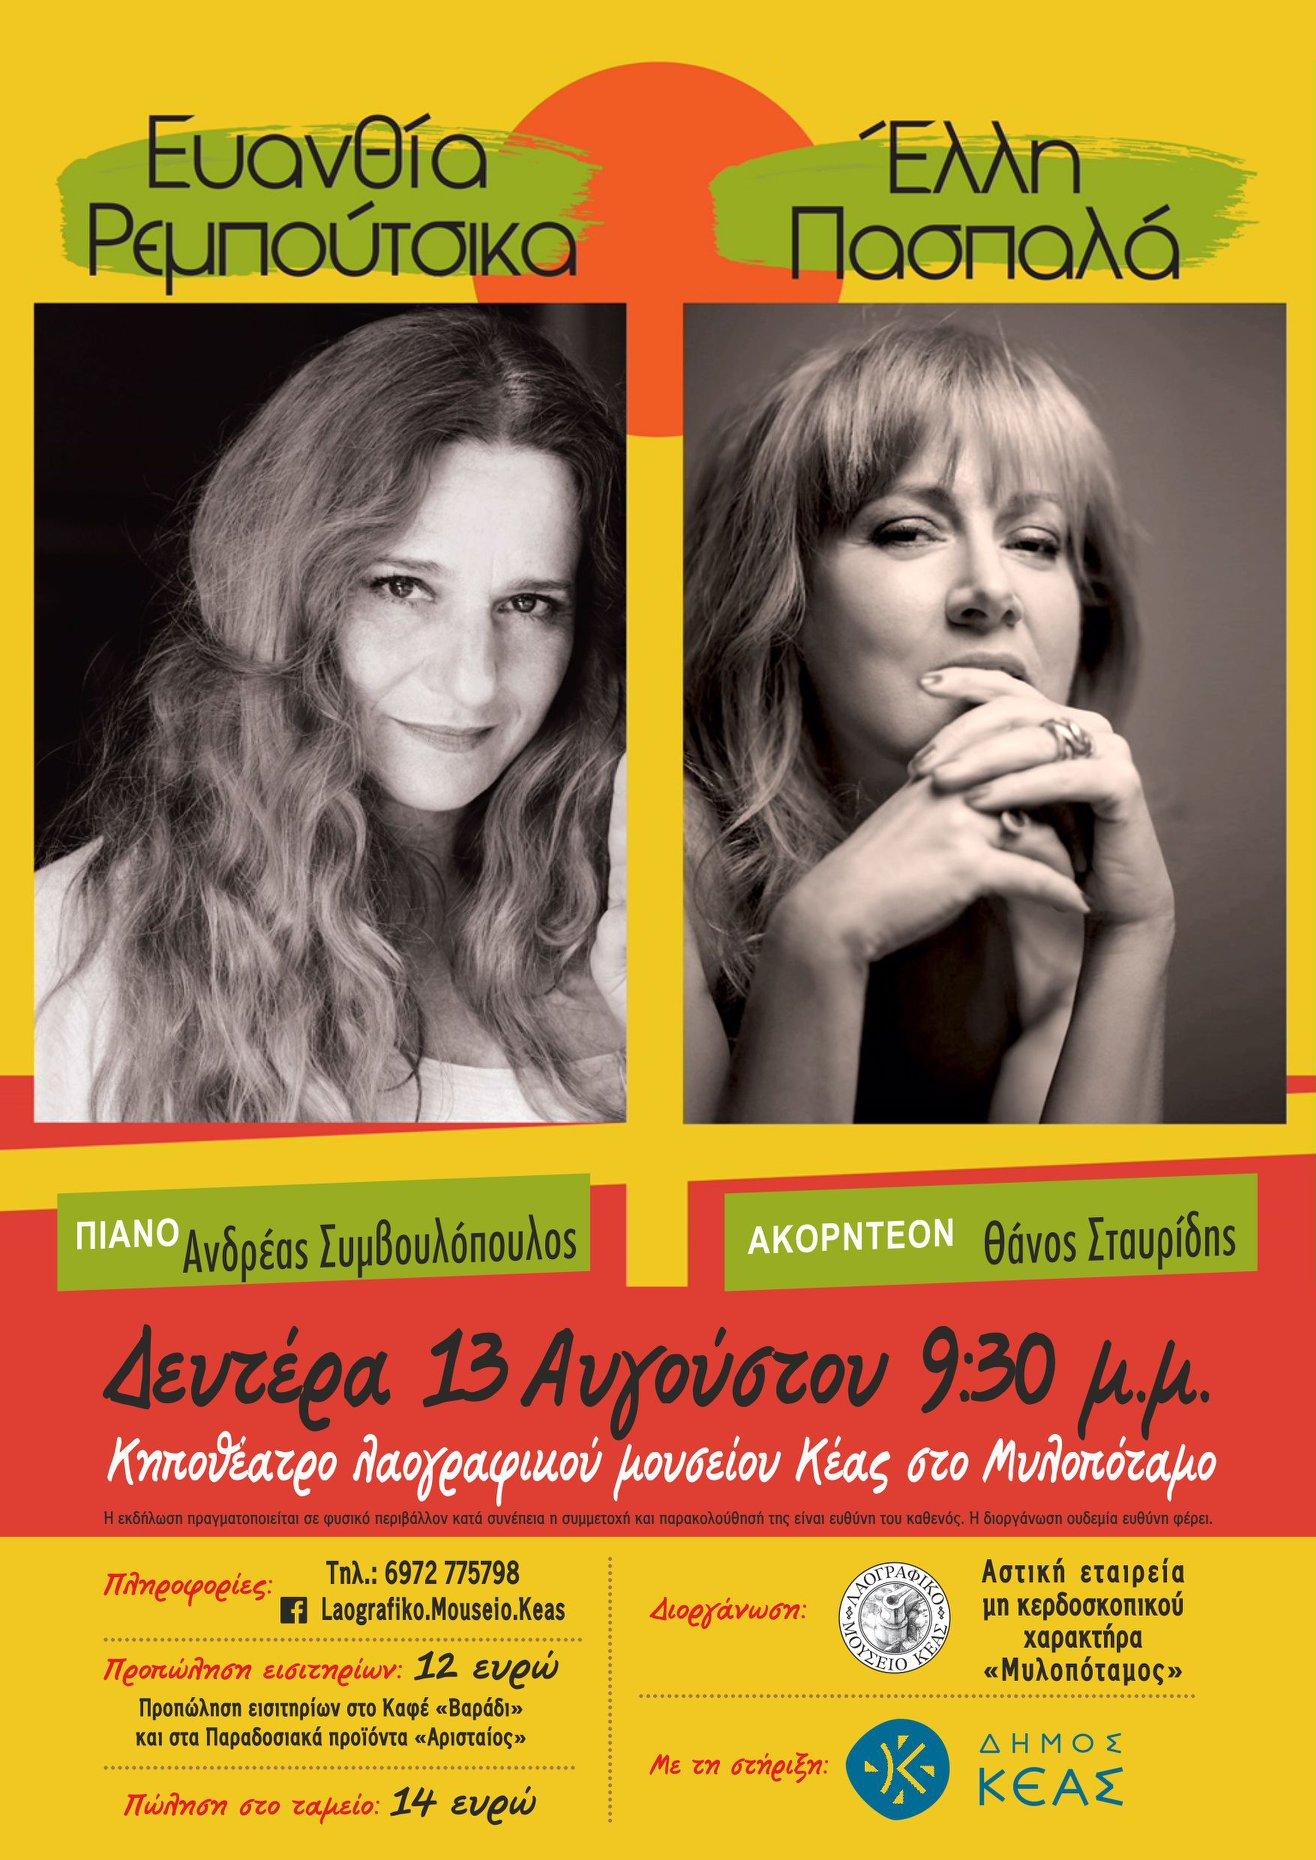 Συναυλία - Ευανθία Ρεμπούτσικα & Έλλη Πασπαλά